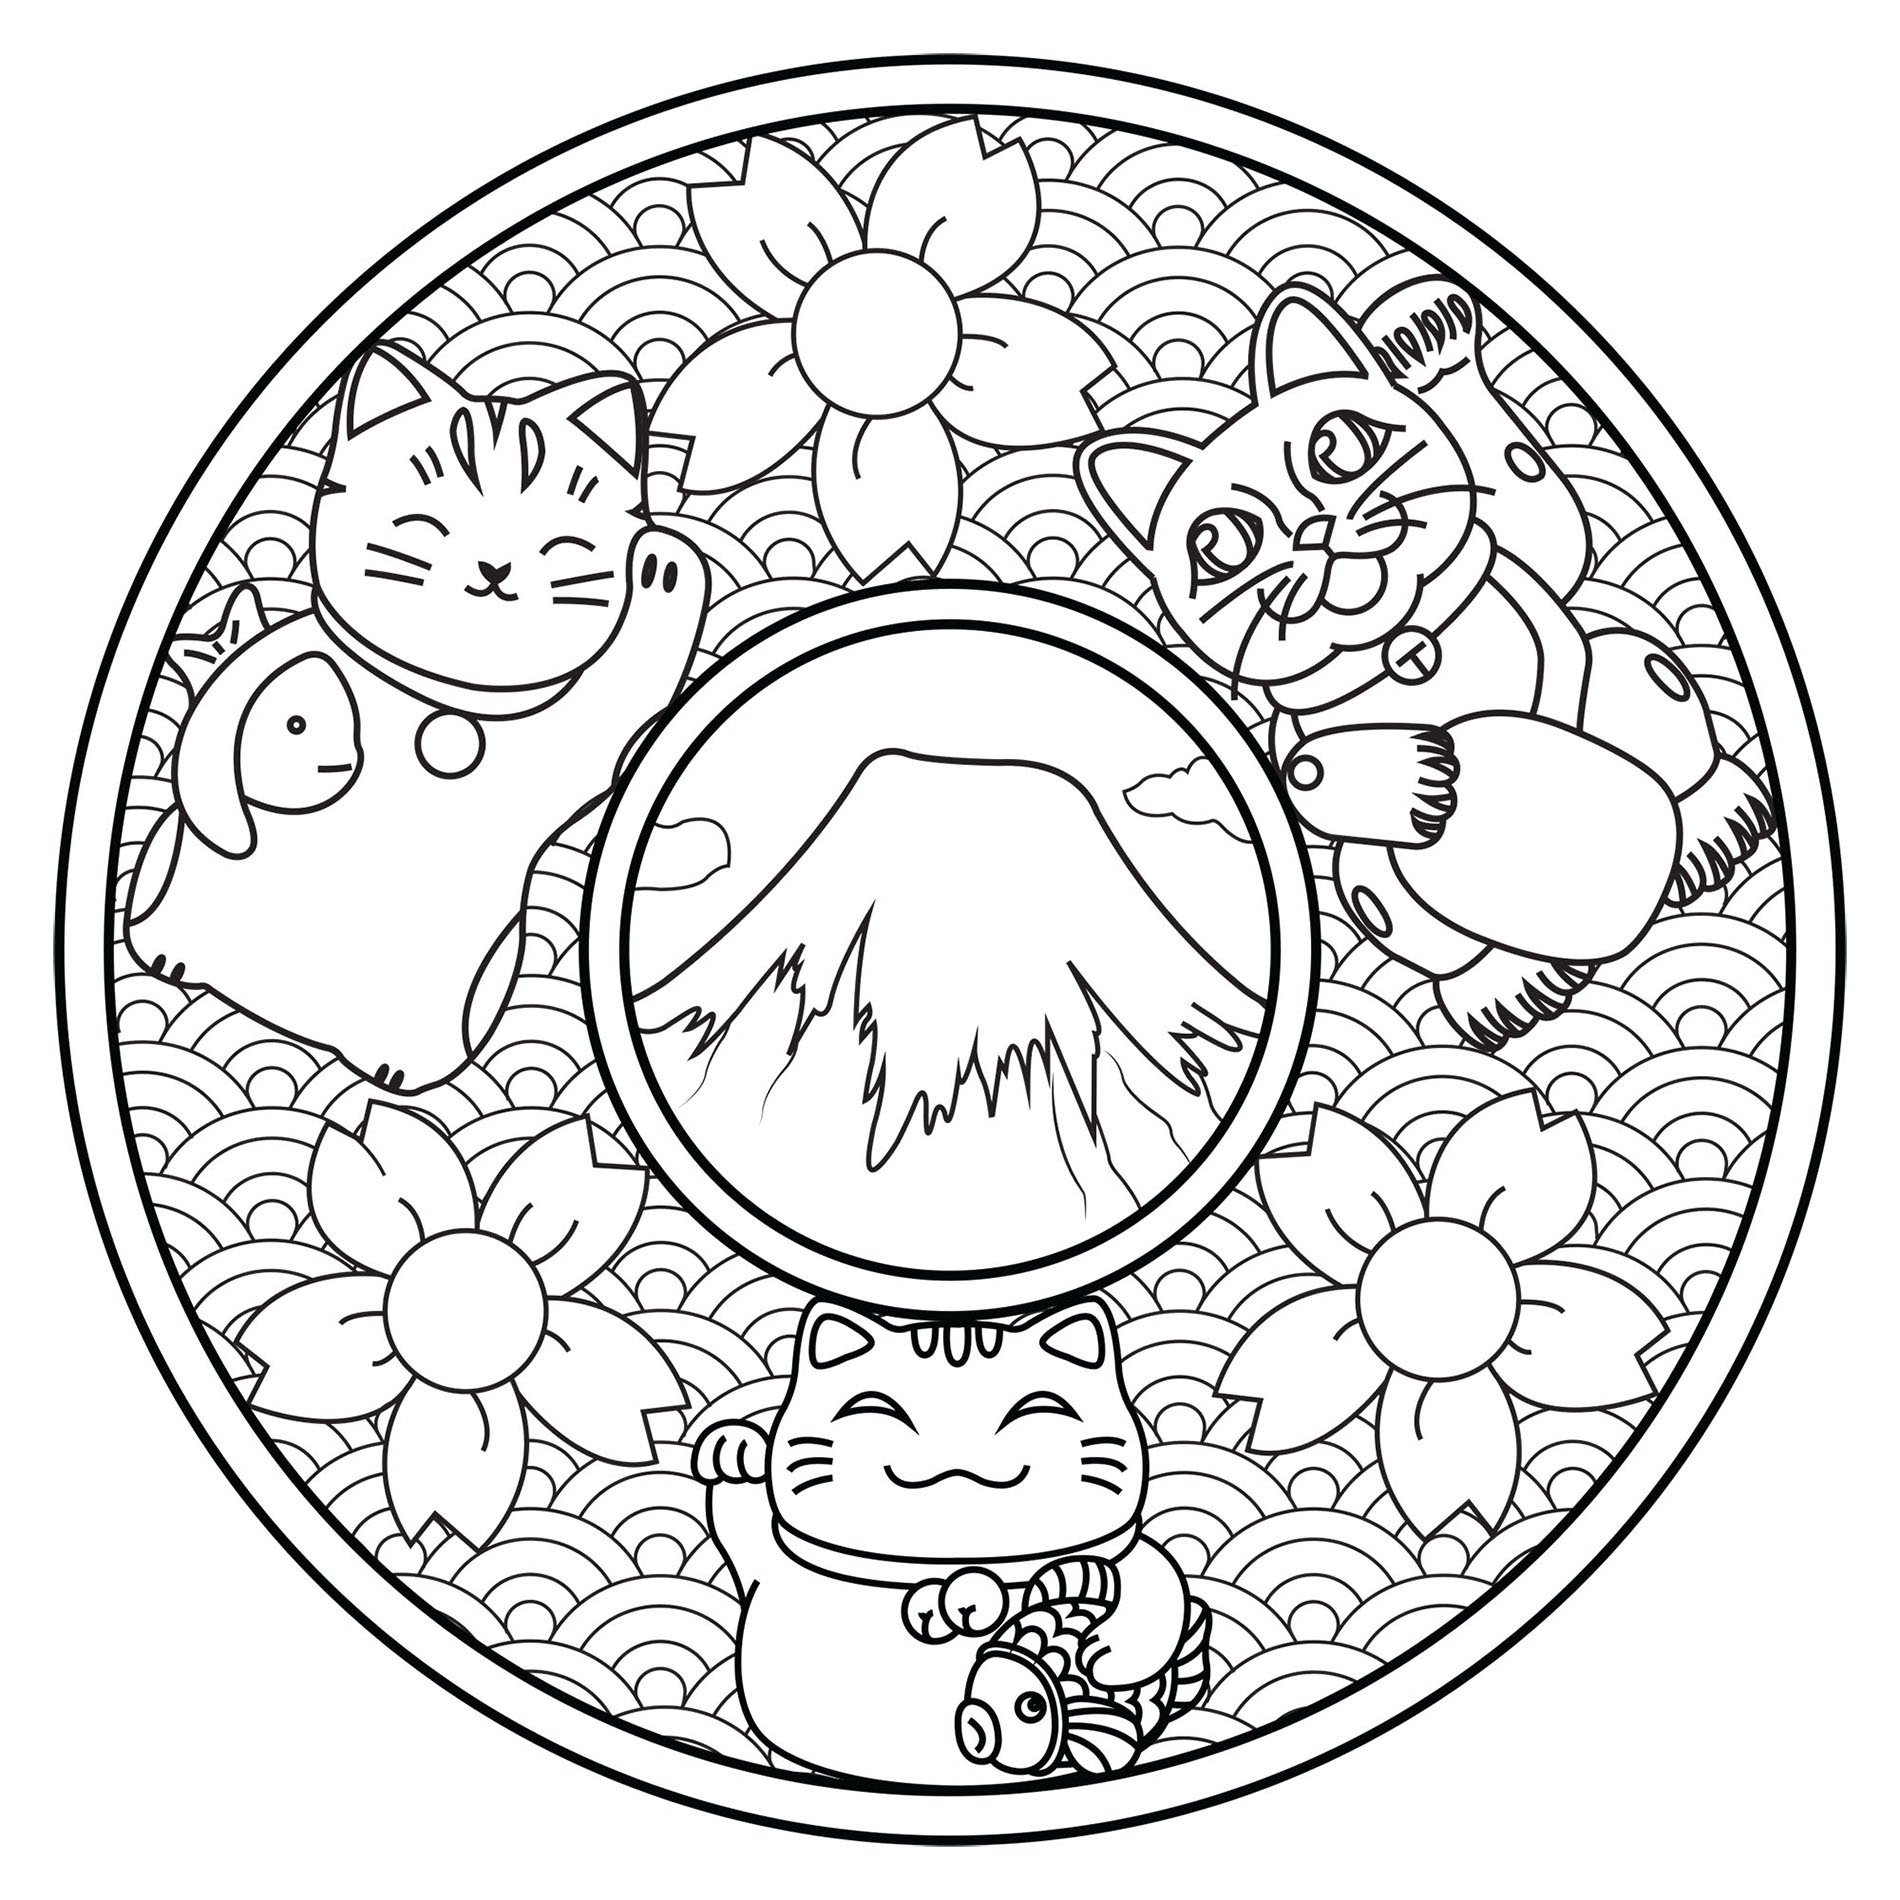 Maneki Neko coloring page to download